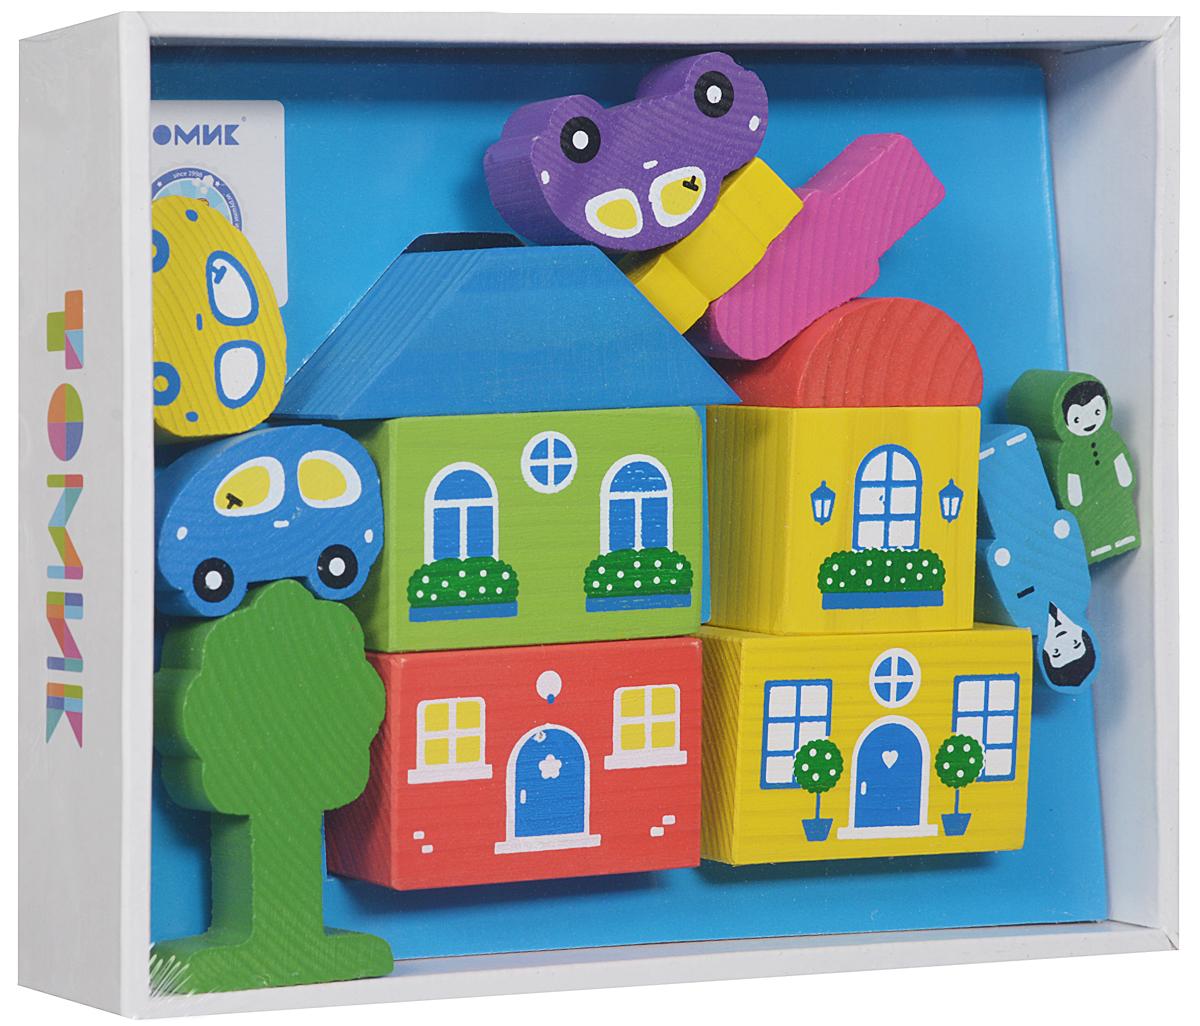 """Деревянный конструктор Томик 46070575613154607057561315Деревянный конструктор Томик """"Цветной городок"""" привлечет внимание вашего ребенка.С помощью конструктора ребенок сможет построить маленький городок с деревьями, фигурками людей и машинами. Дети часто используют построенные сооружения в своих сюжетных играх, поэтому в наборах конструкторов имеются фигурки машин, деревьев и людей. Малыш сможет не только построить целый город, но и как настоящий волшебник наполнить его жизнью. А придумывая сюжеты игр, ребенок развивает воображение, связную речь, овладевает навыками ролевого поведения."""